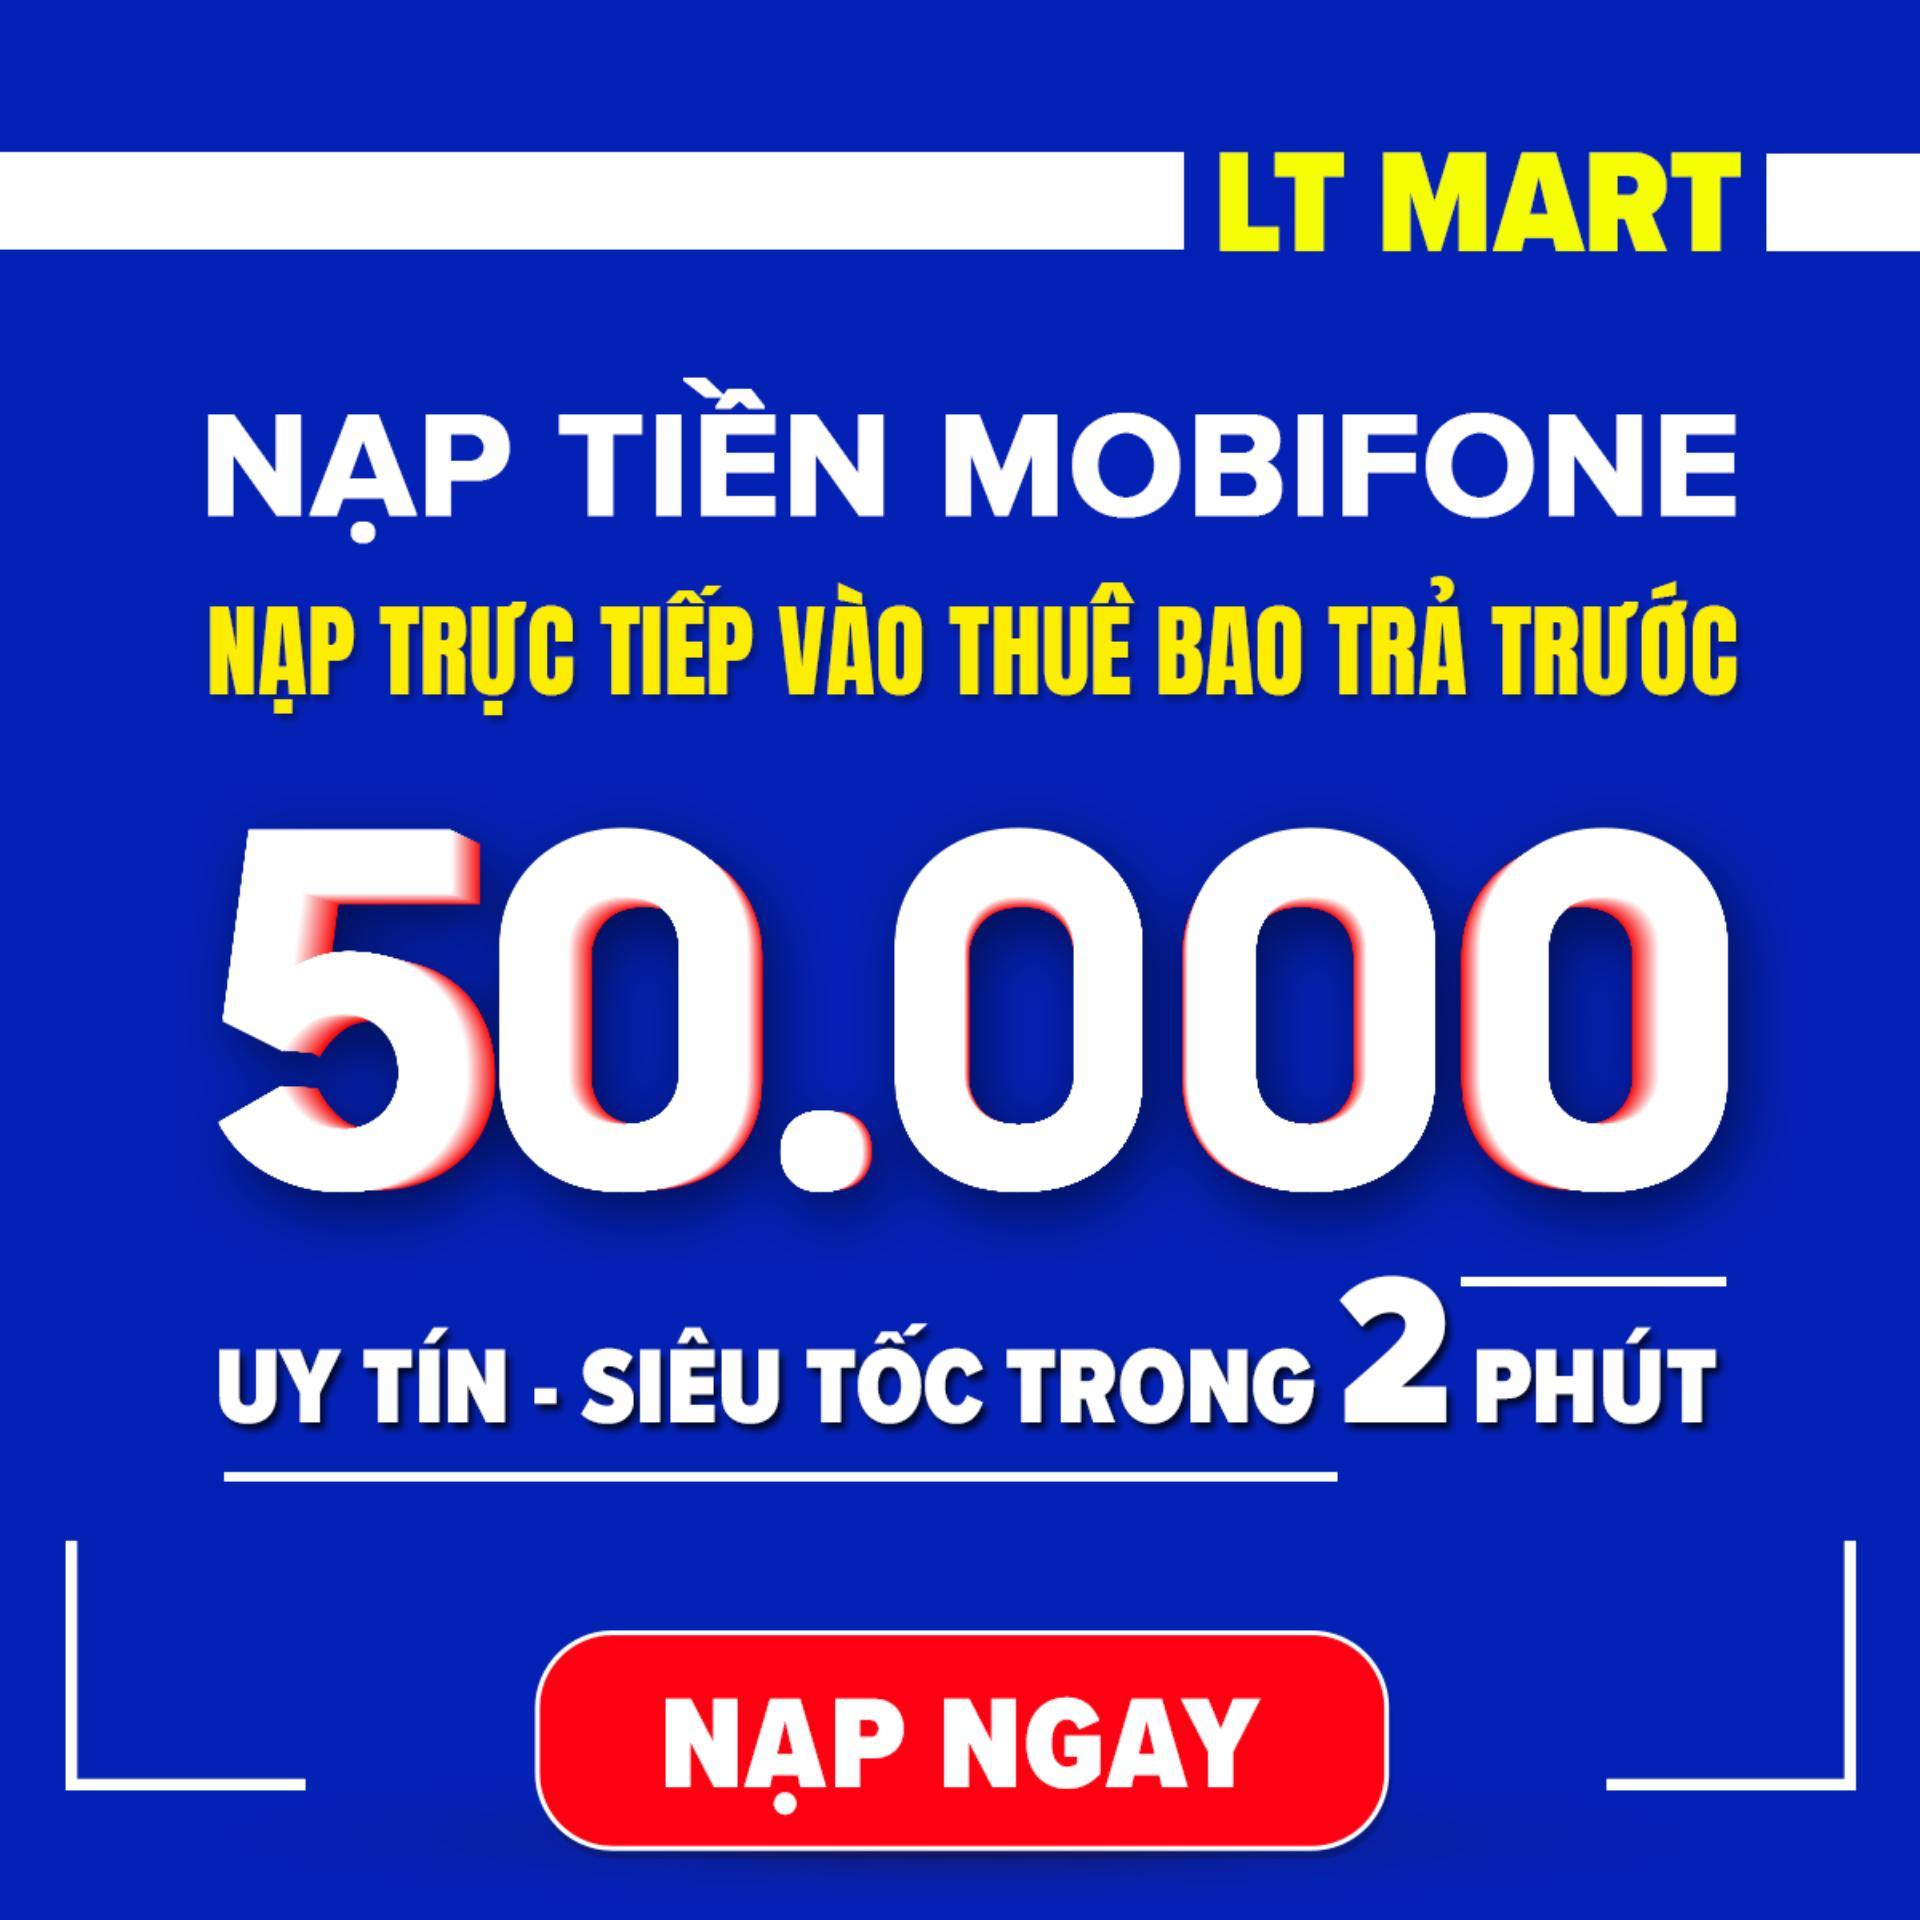 Nạp tiền Mobifone 50.000 thuê bao trả trước LTmart (Nạp tiền trực tiếp vào thuê bao Mobifone trả trước).Nạp tiền điện thoại LTmart - Uy tín thao tác nhanh chóng [Mobifone][50000]